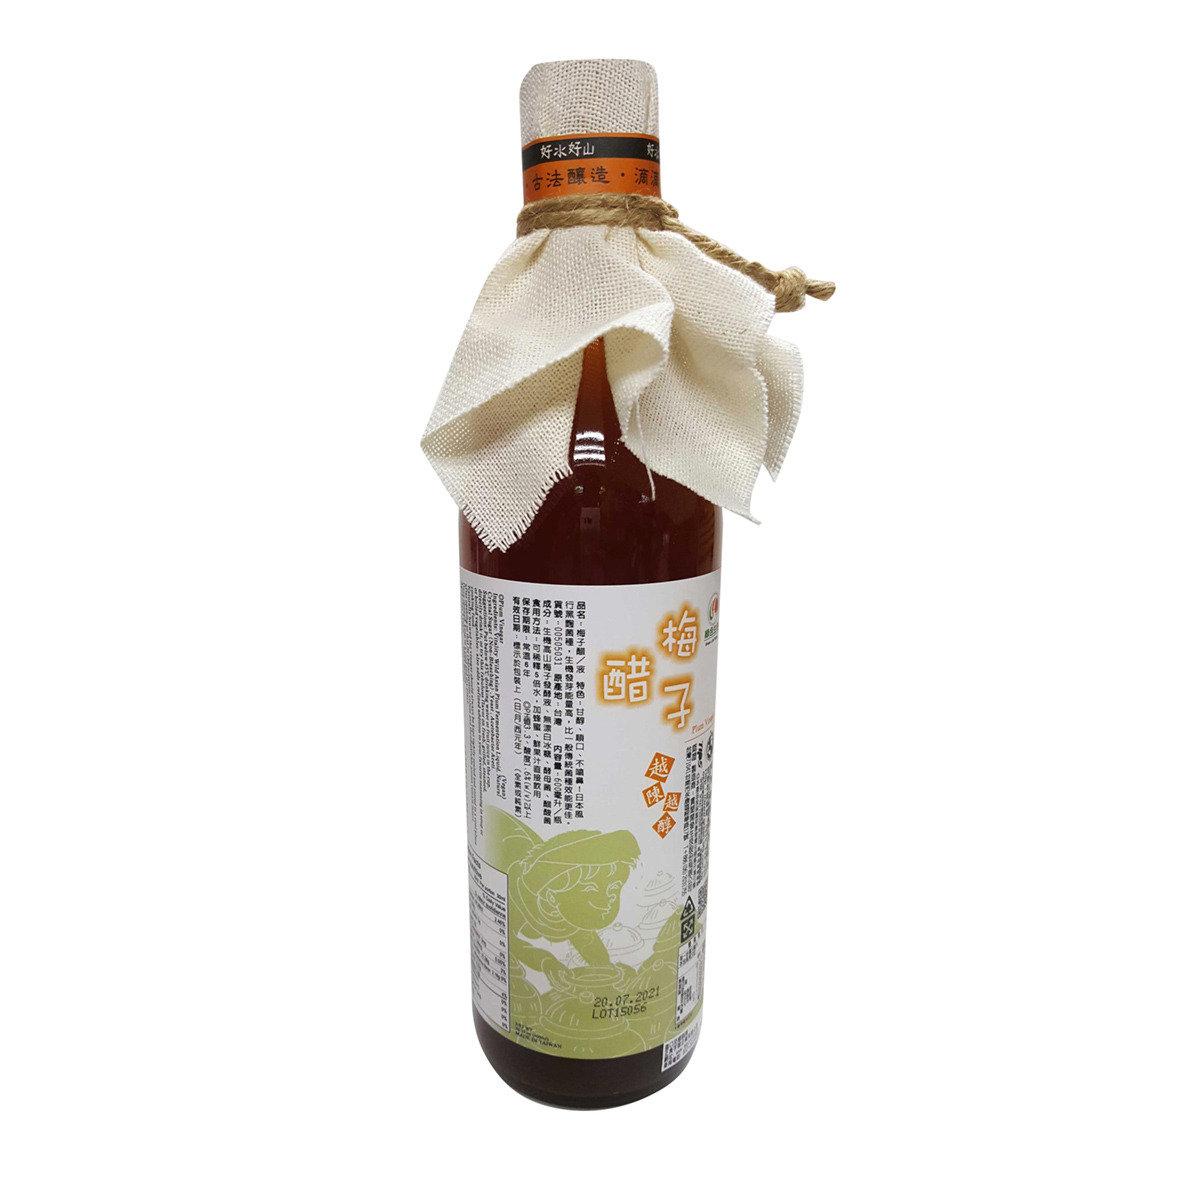 高山梅子醋/600毫升